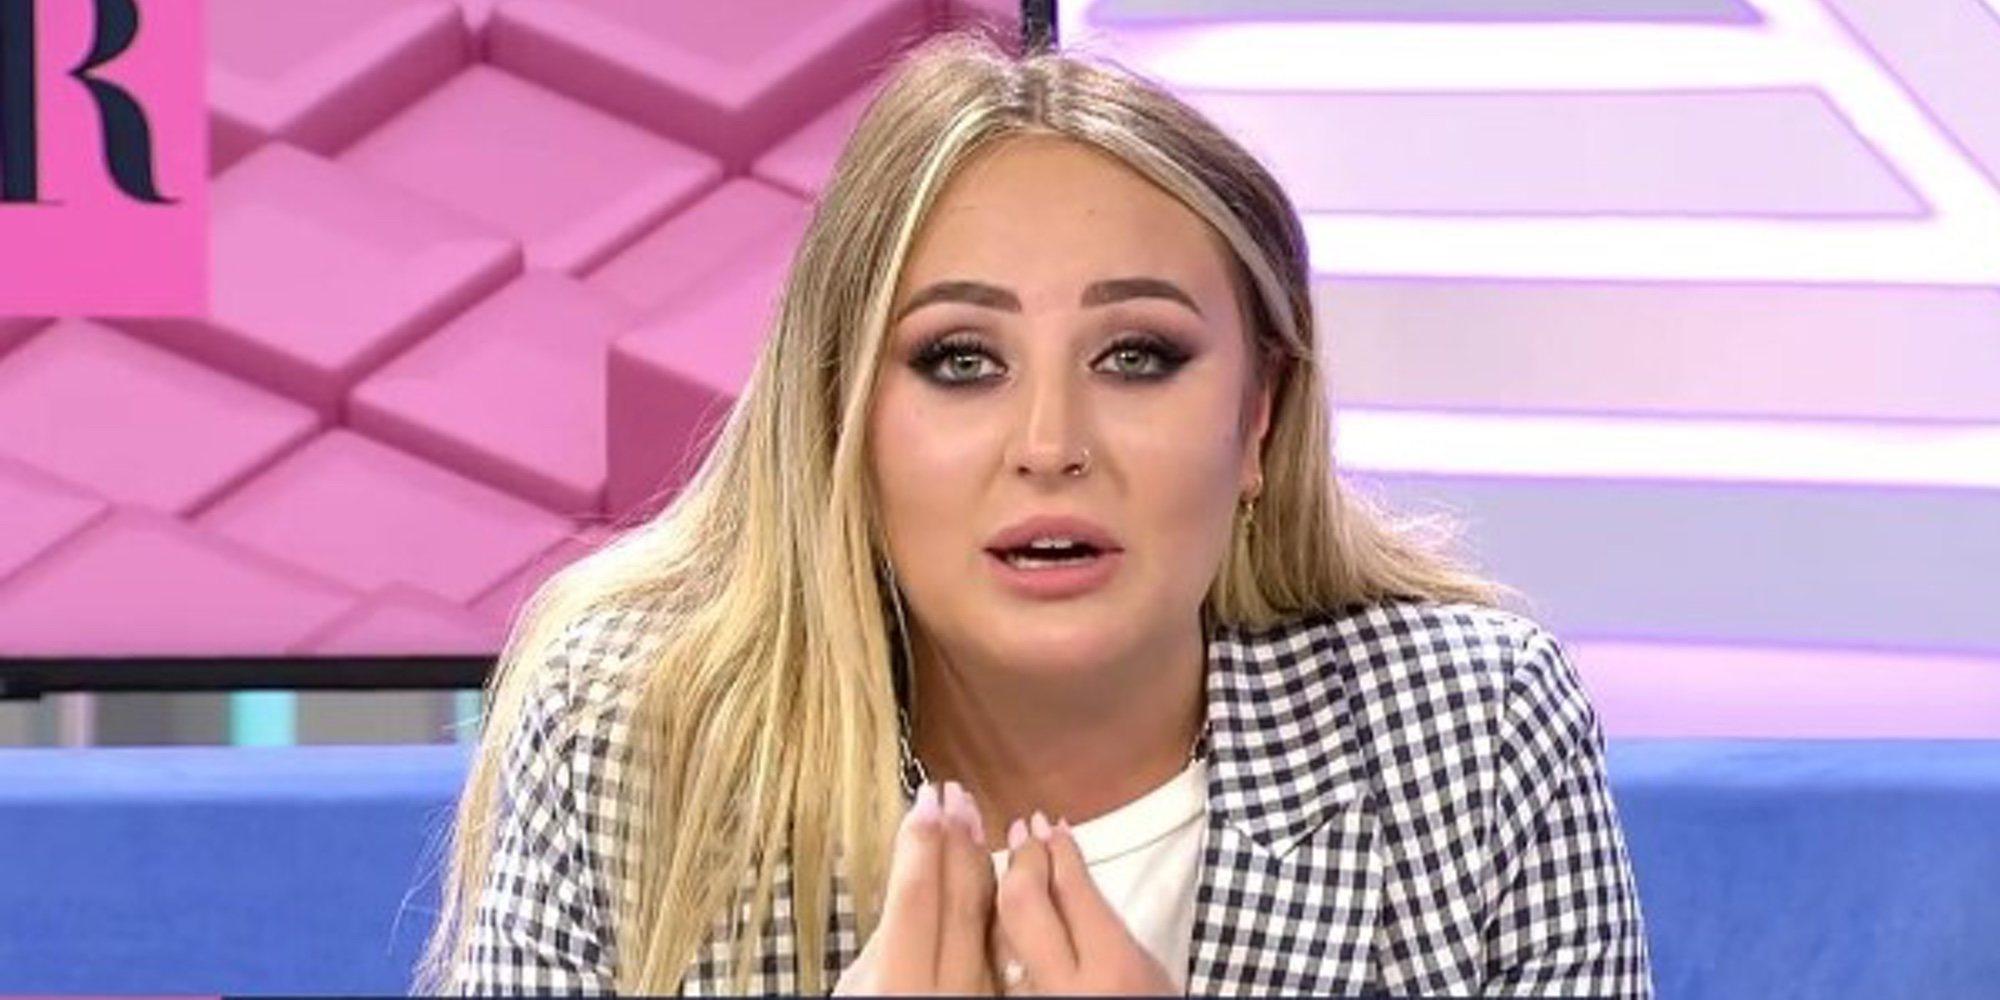 """Rocío Flores habla de Rocío Carrasco en directo: """"Te lo digo a ti, mamá. Tus hijos están aquí. Habla con nosotros"""""""